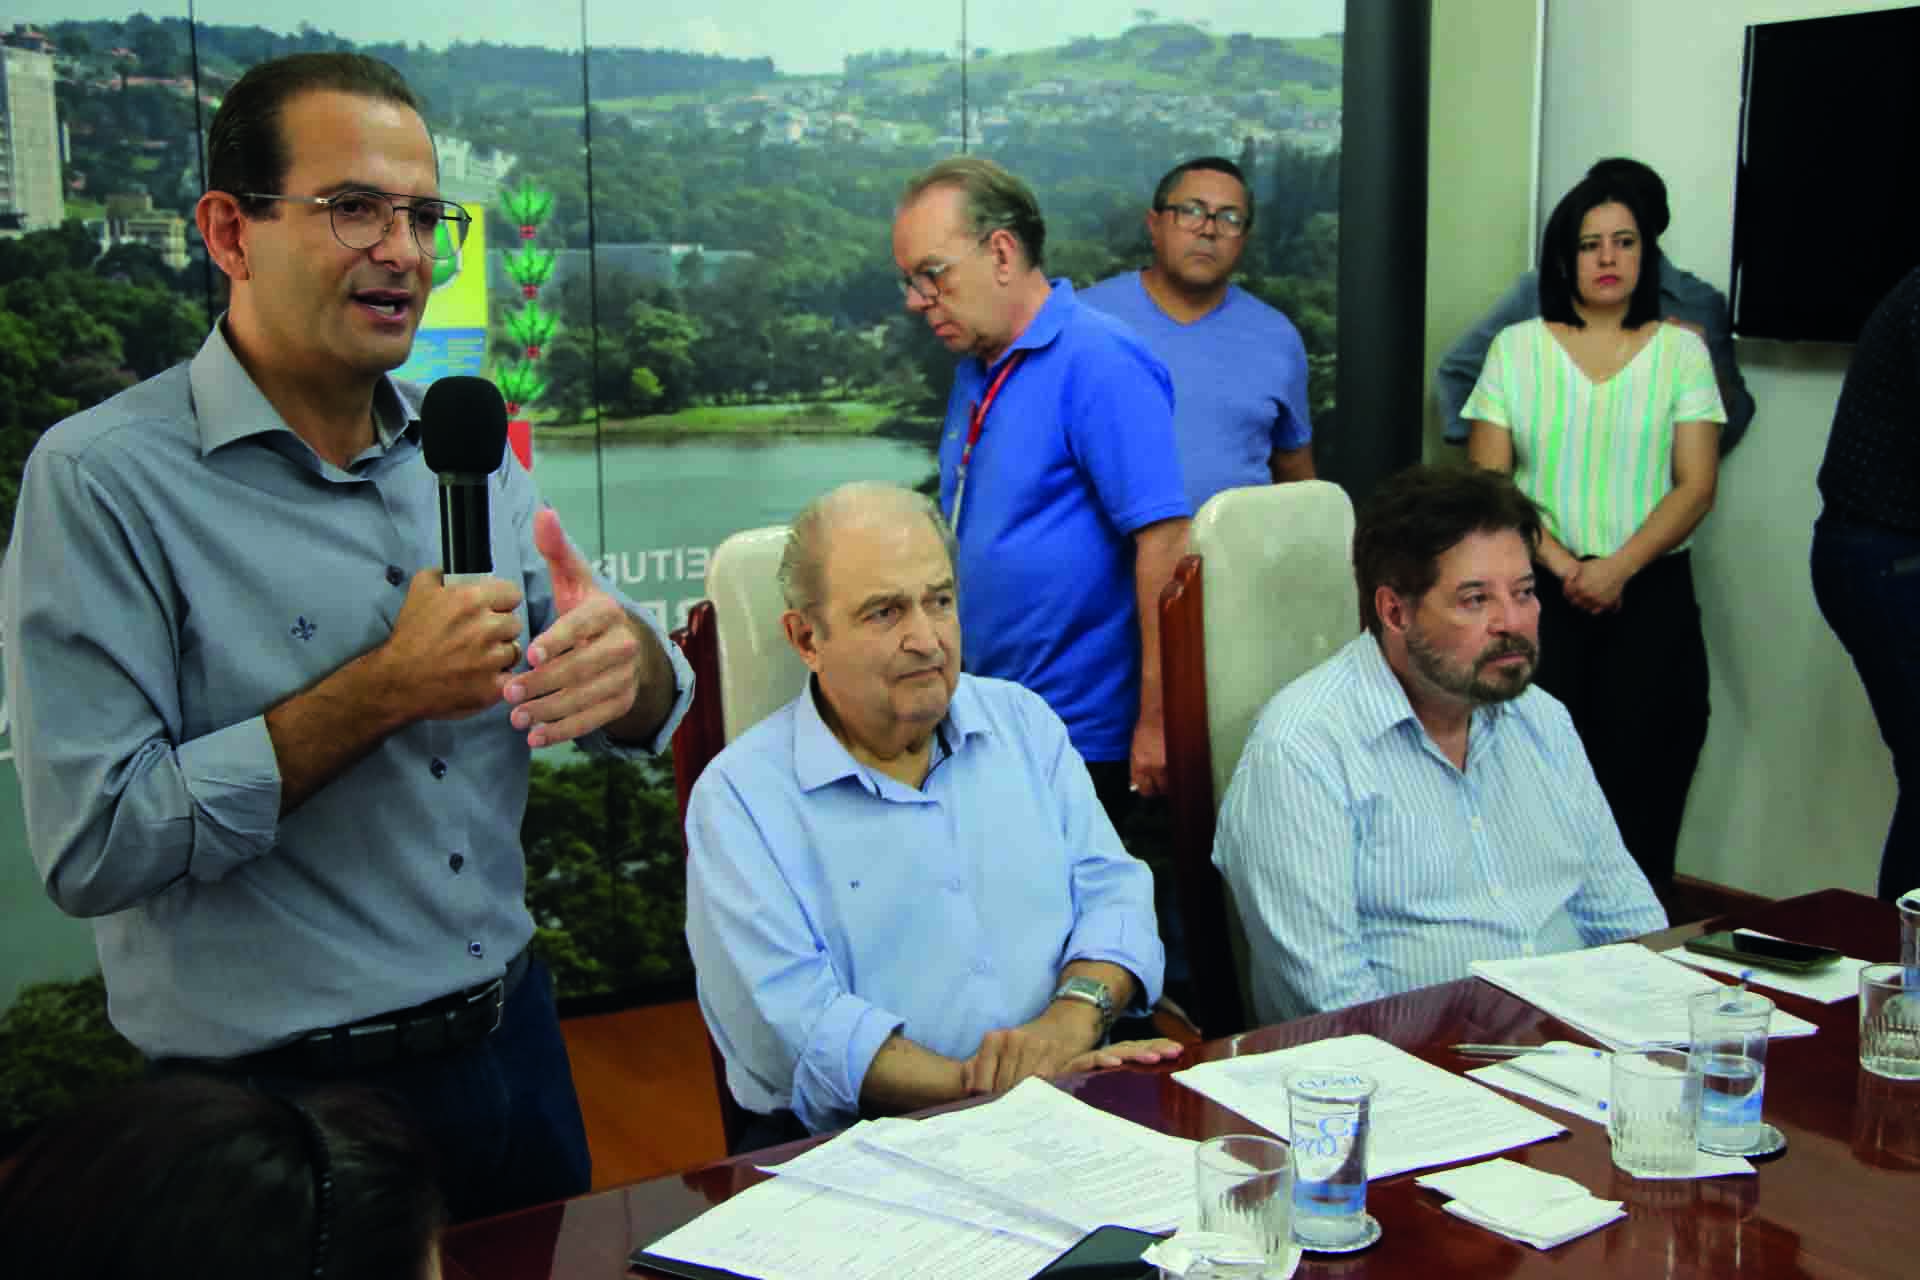 14.11.2019 Assinatura ordem de serviço Mercado Municipal (3)